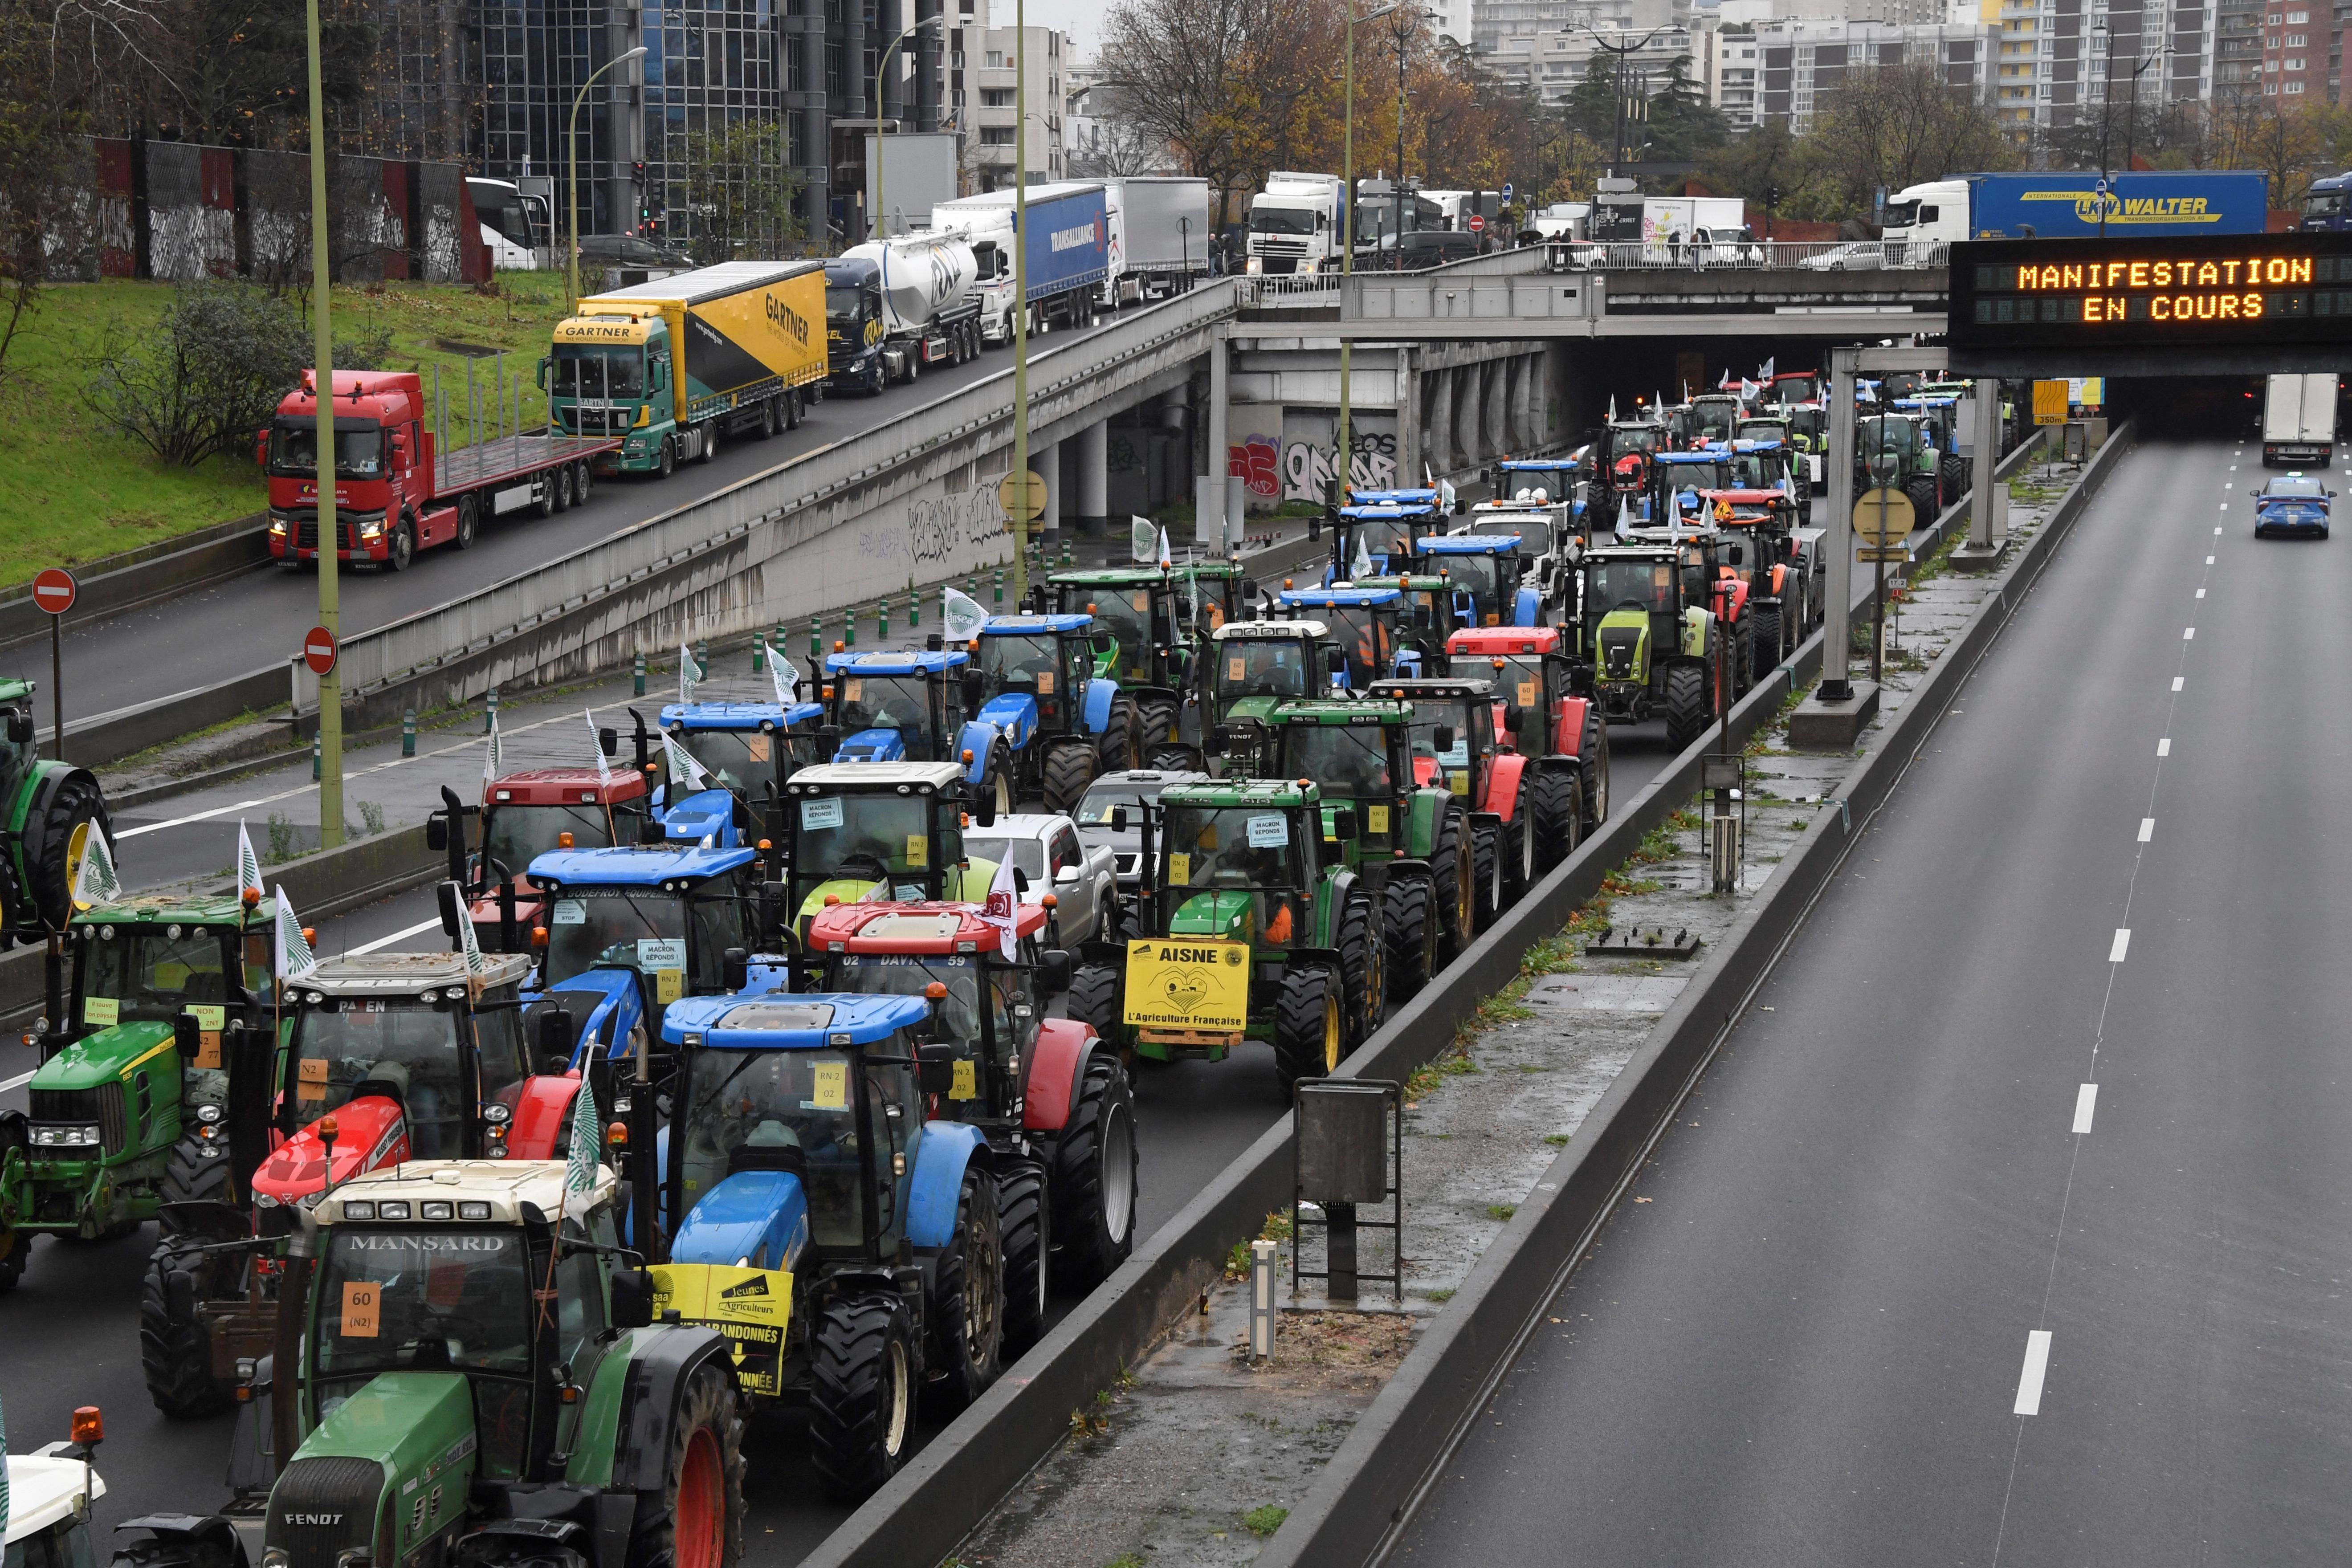 Több száz francia gazda traktorokkal torlaszolta el a párizsi körgyűrűt